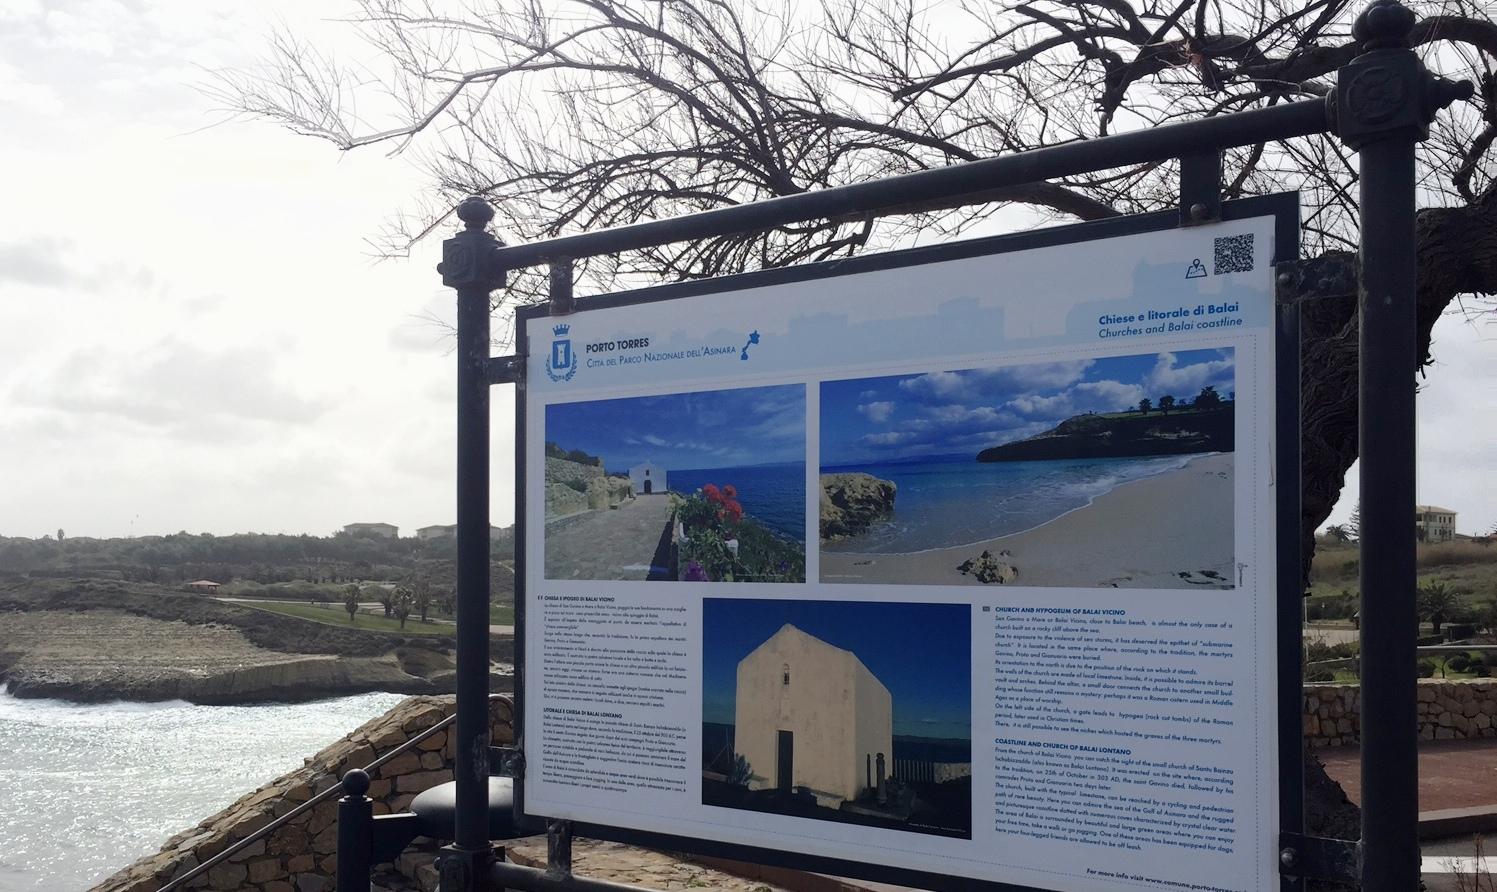 Pannello Balai. Febbraio 2015 Nuovi Cartelli Informativi nei Siti di Interesse Turistico. In evidenza la mappa della città e le immagini dei luoghi più suggestivi di Porto Torres.